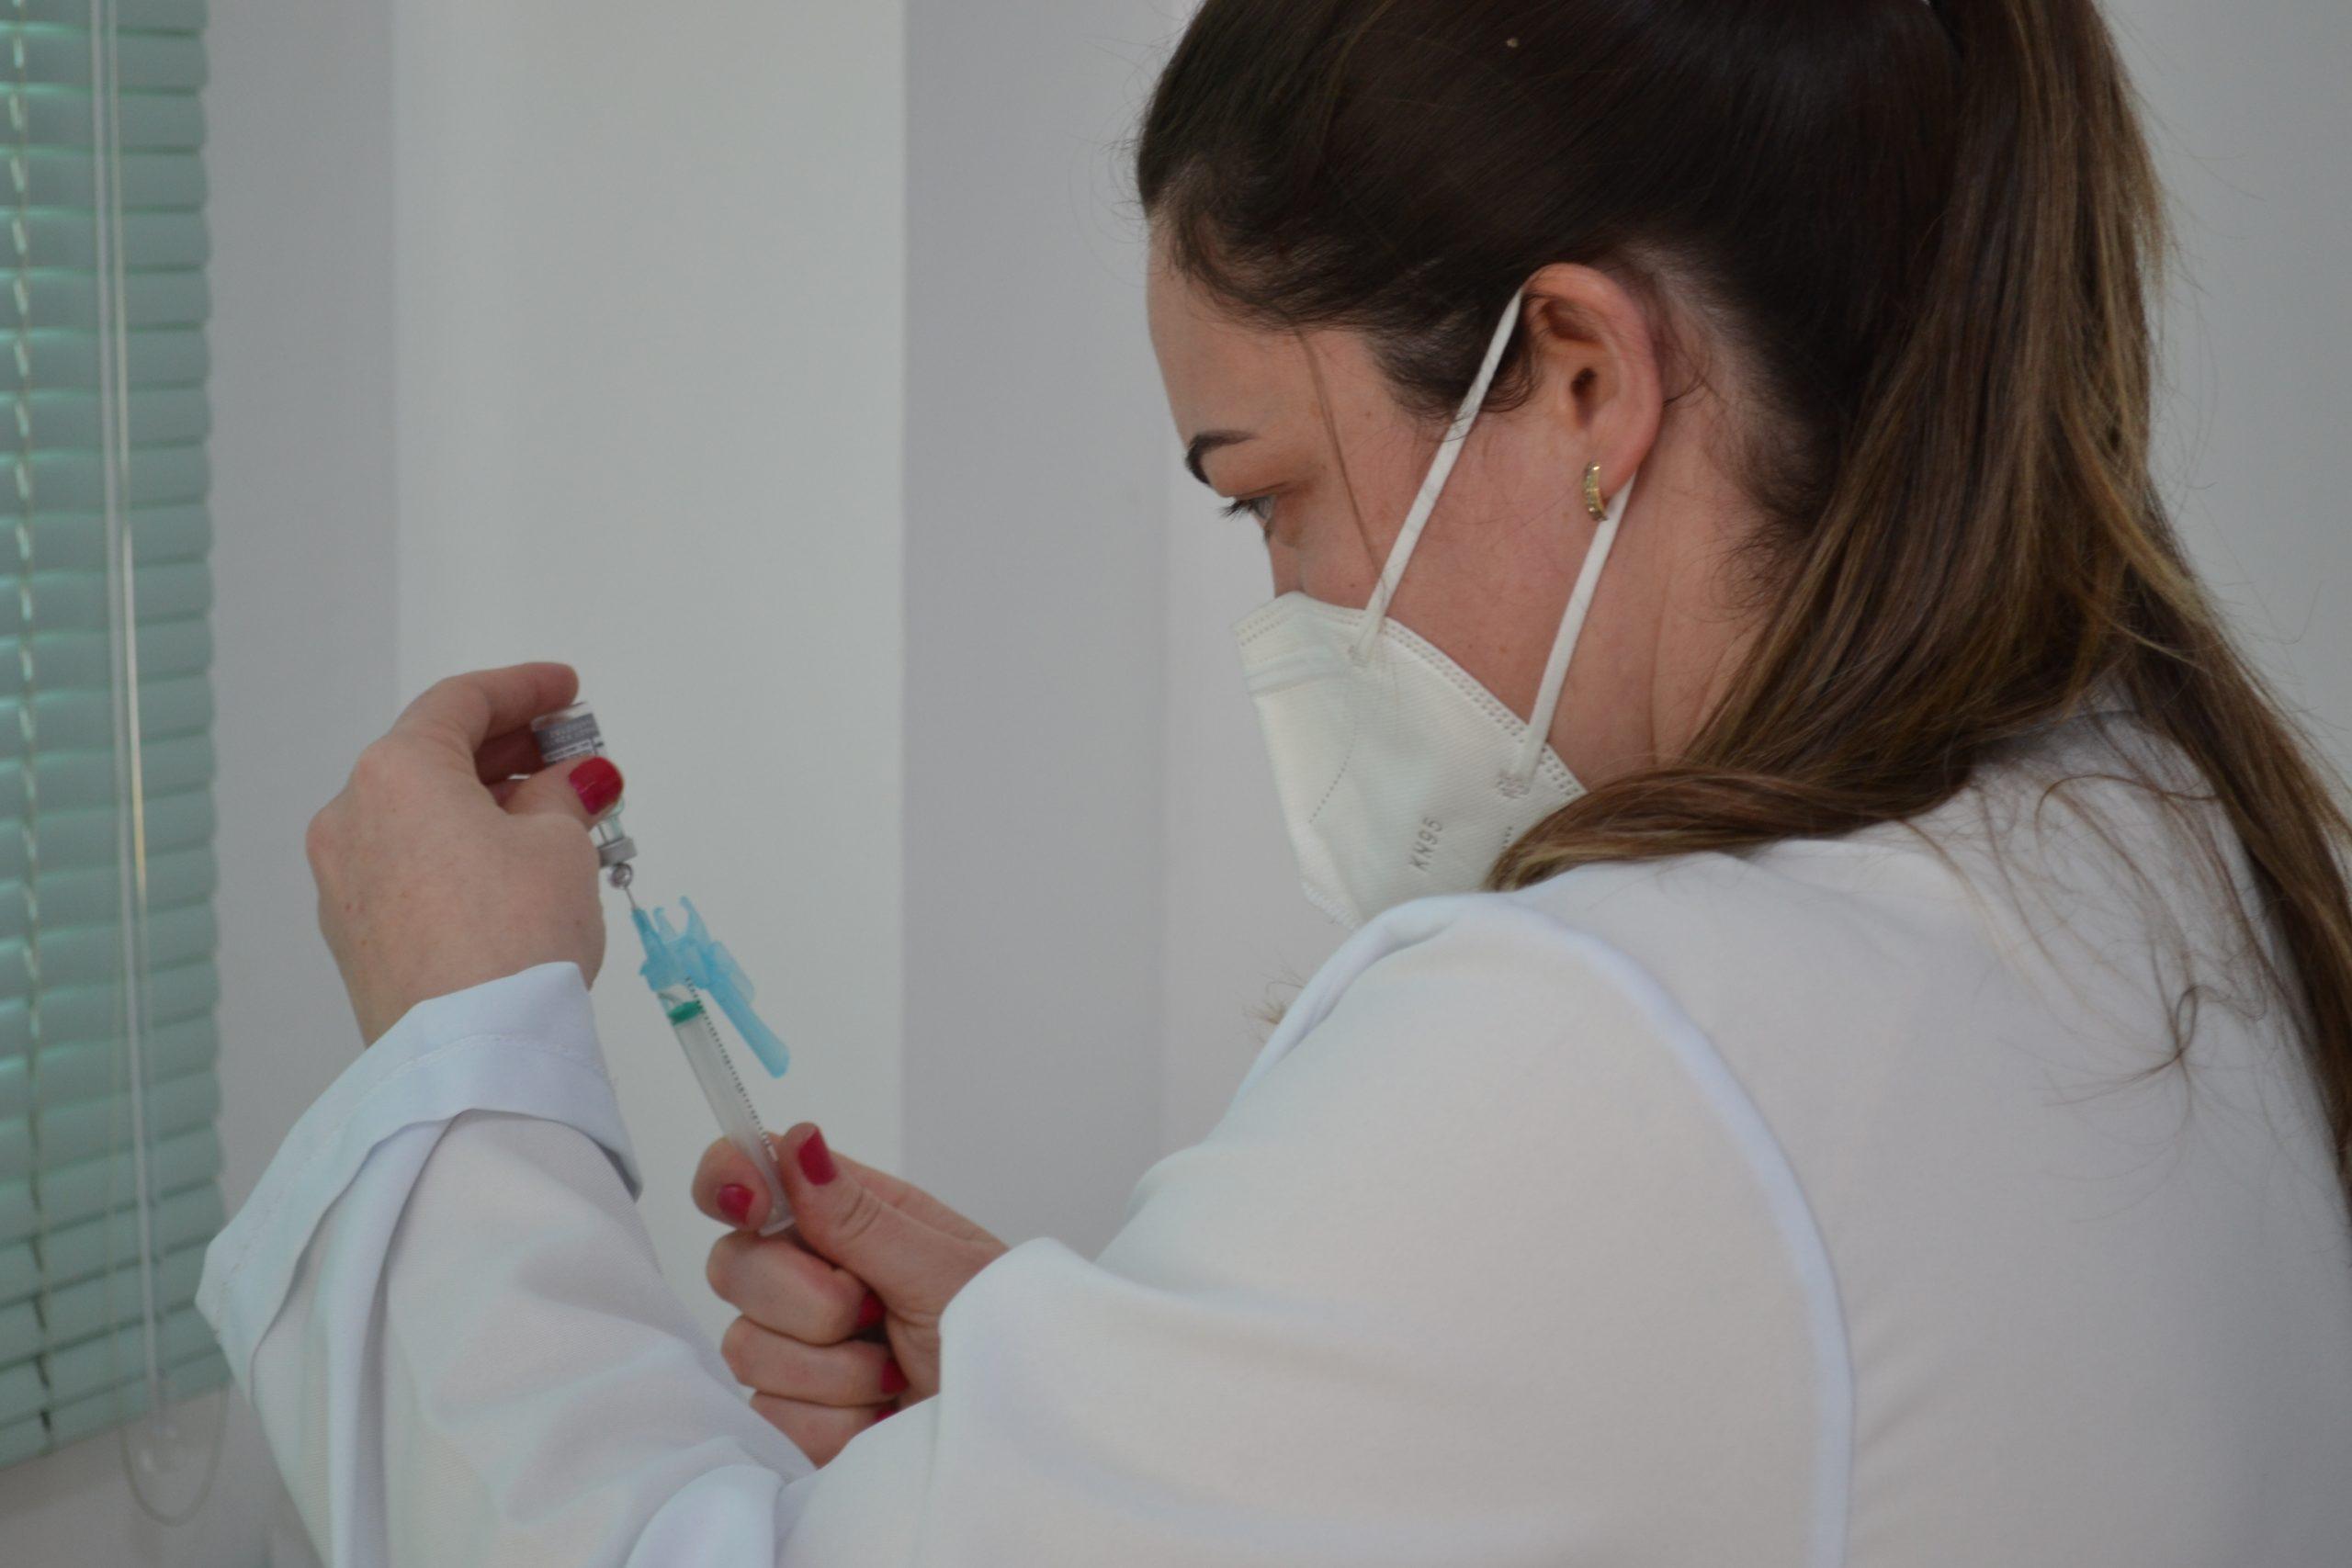 RS antecipa para 25 de agosto previsão de imunização contra Covid da população a partir de 18 anos